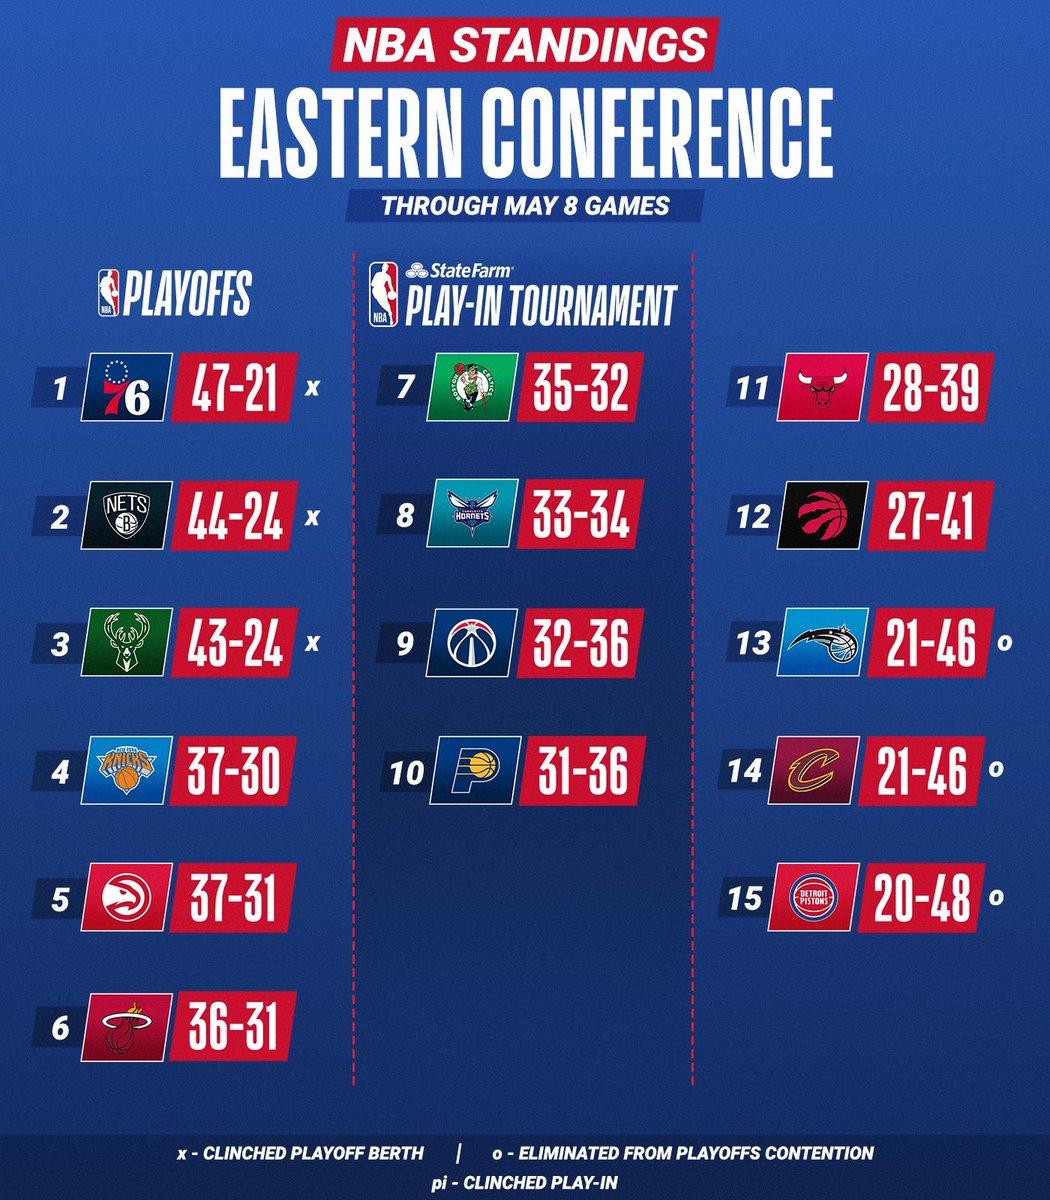 🏀 #NBA  Uno sguardo alle classifiche prima del matinée NBA  Alle 19, sfida chiave tra #Celtics e #Heat per l'accesso diretto ai playoff.  Alle 21.30 #Clippers per mantenere il 3 seed a Ovest.   Nella notte #Lakers per evitare il play-in sfidano i #Suns, che puntano al 1 seed. https://t.co/64H5KtNvQG